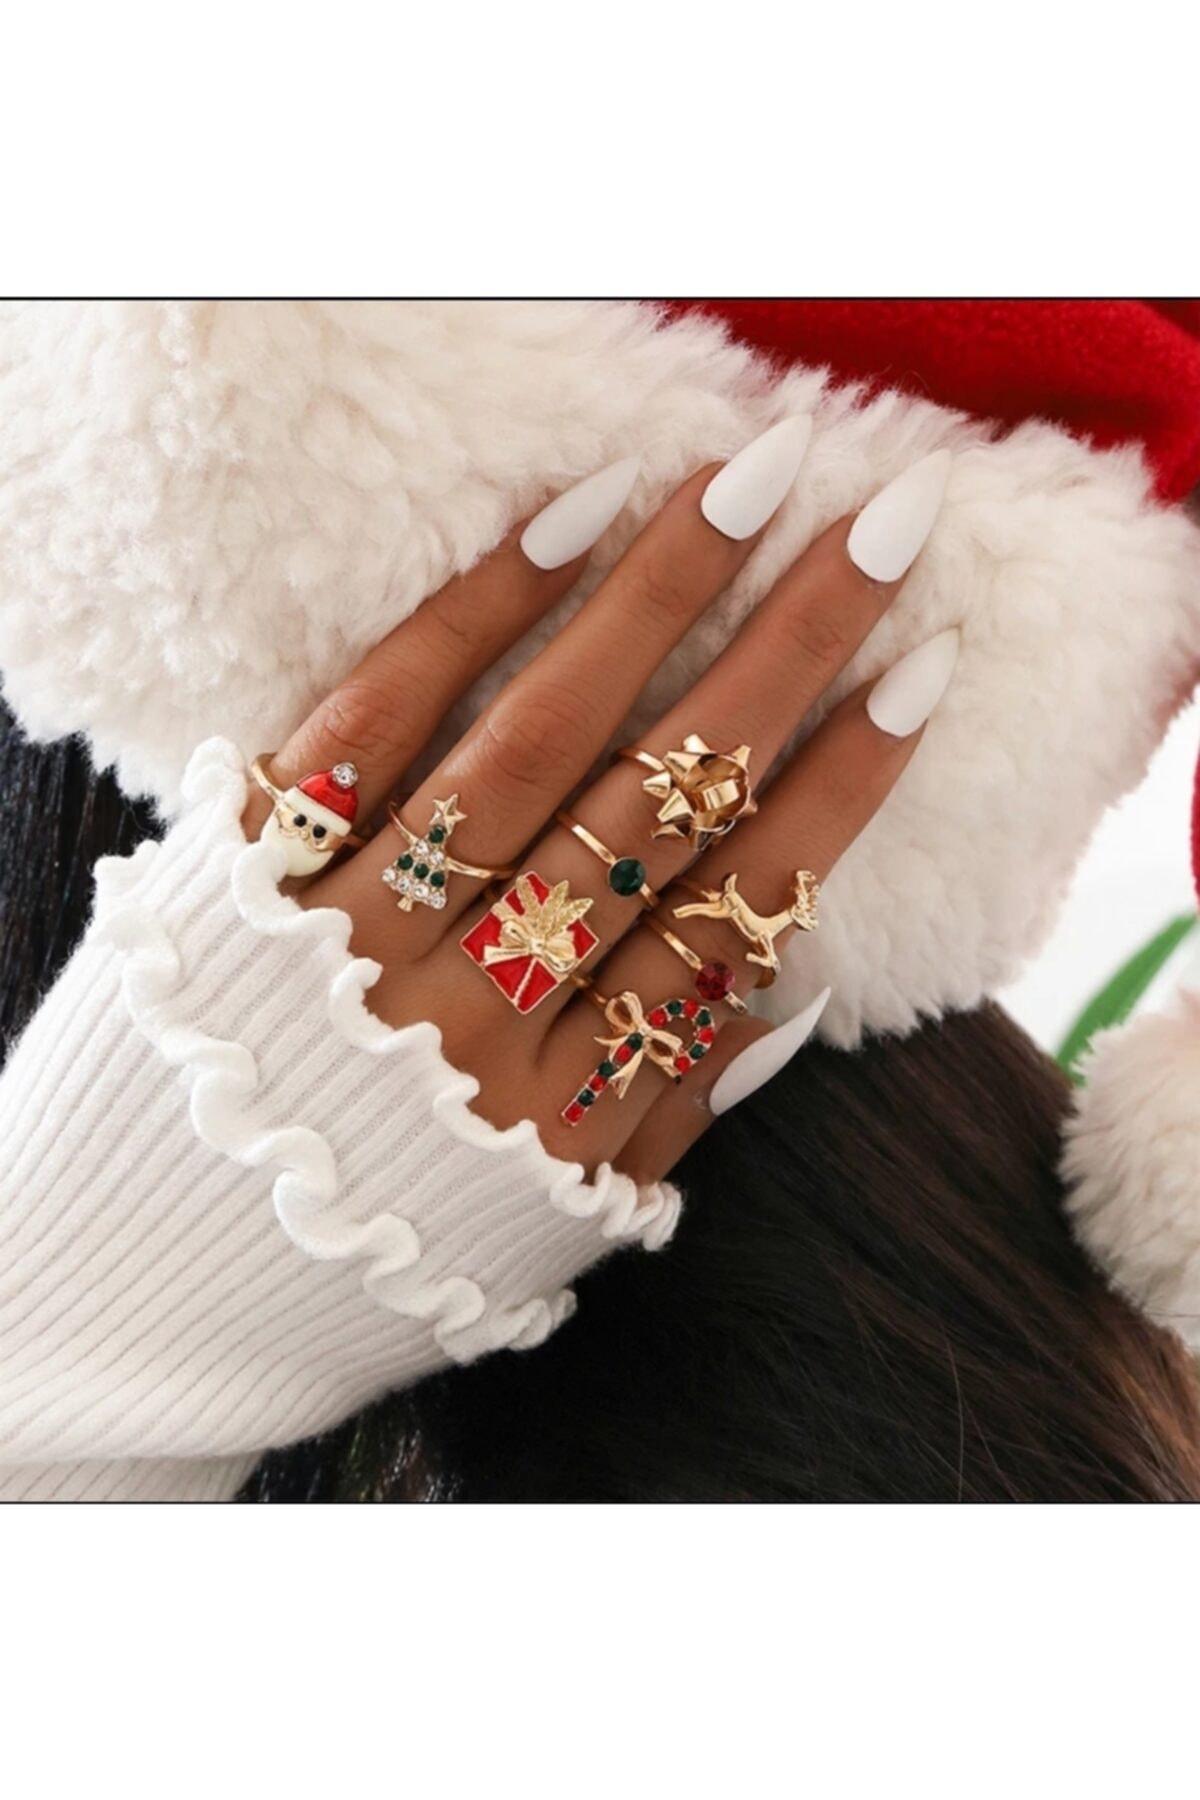 Pinkimaj Eklem Yüzüğü Yılbaşı Konsepti Gold 8 Adet Yeni Yıl Figürlü Set Sınırlı Sayıda 1